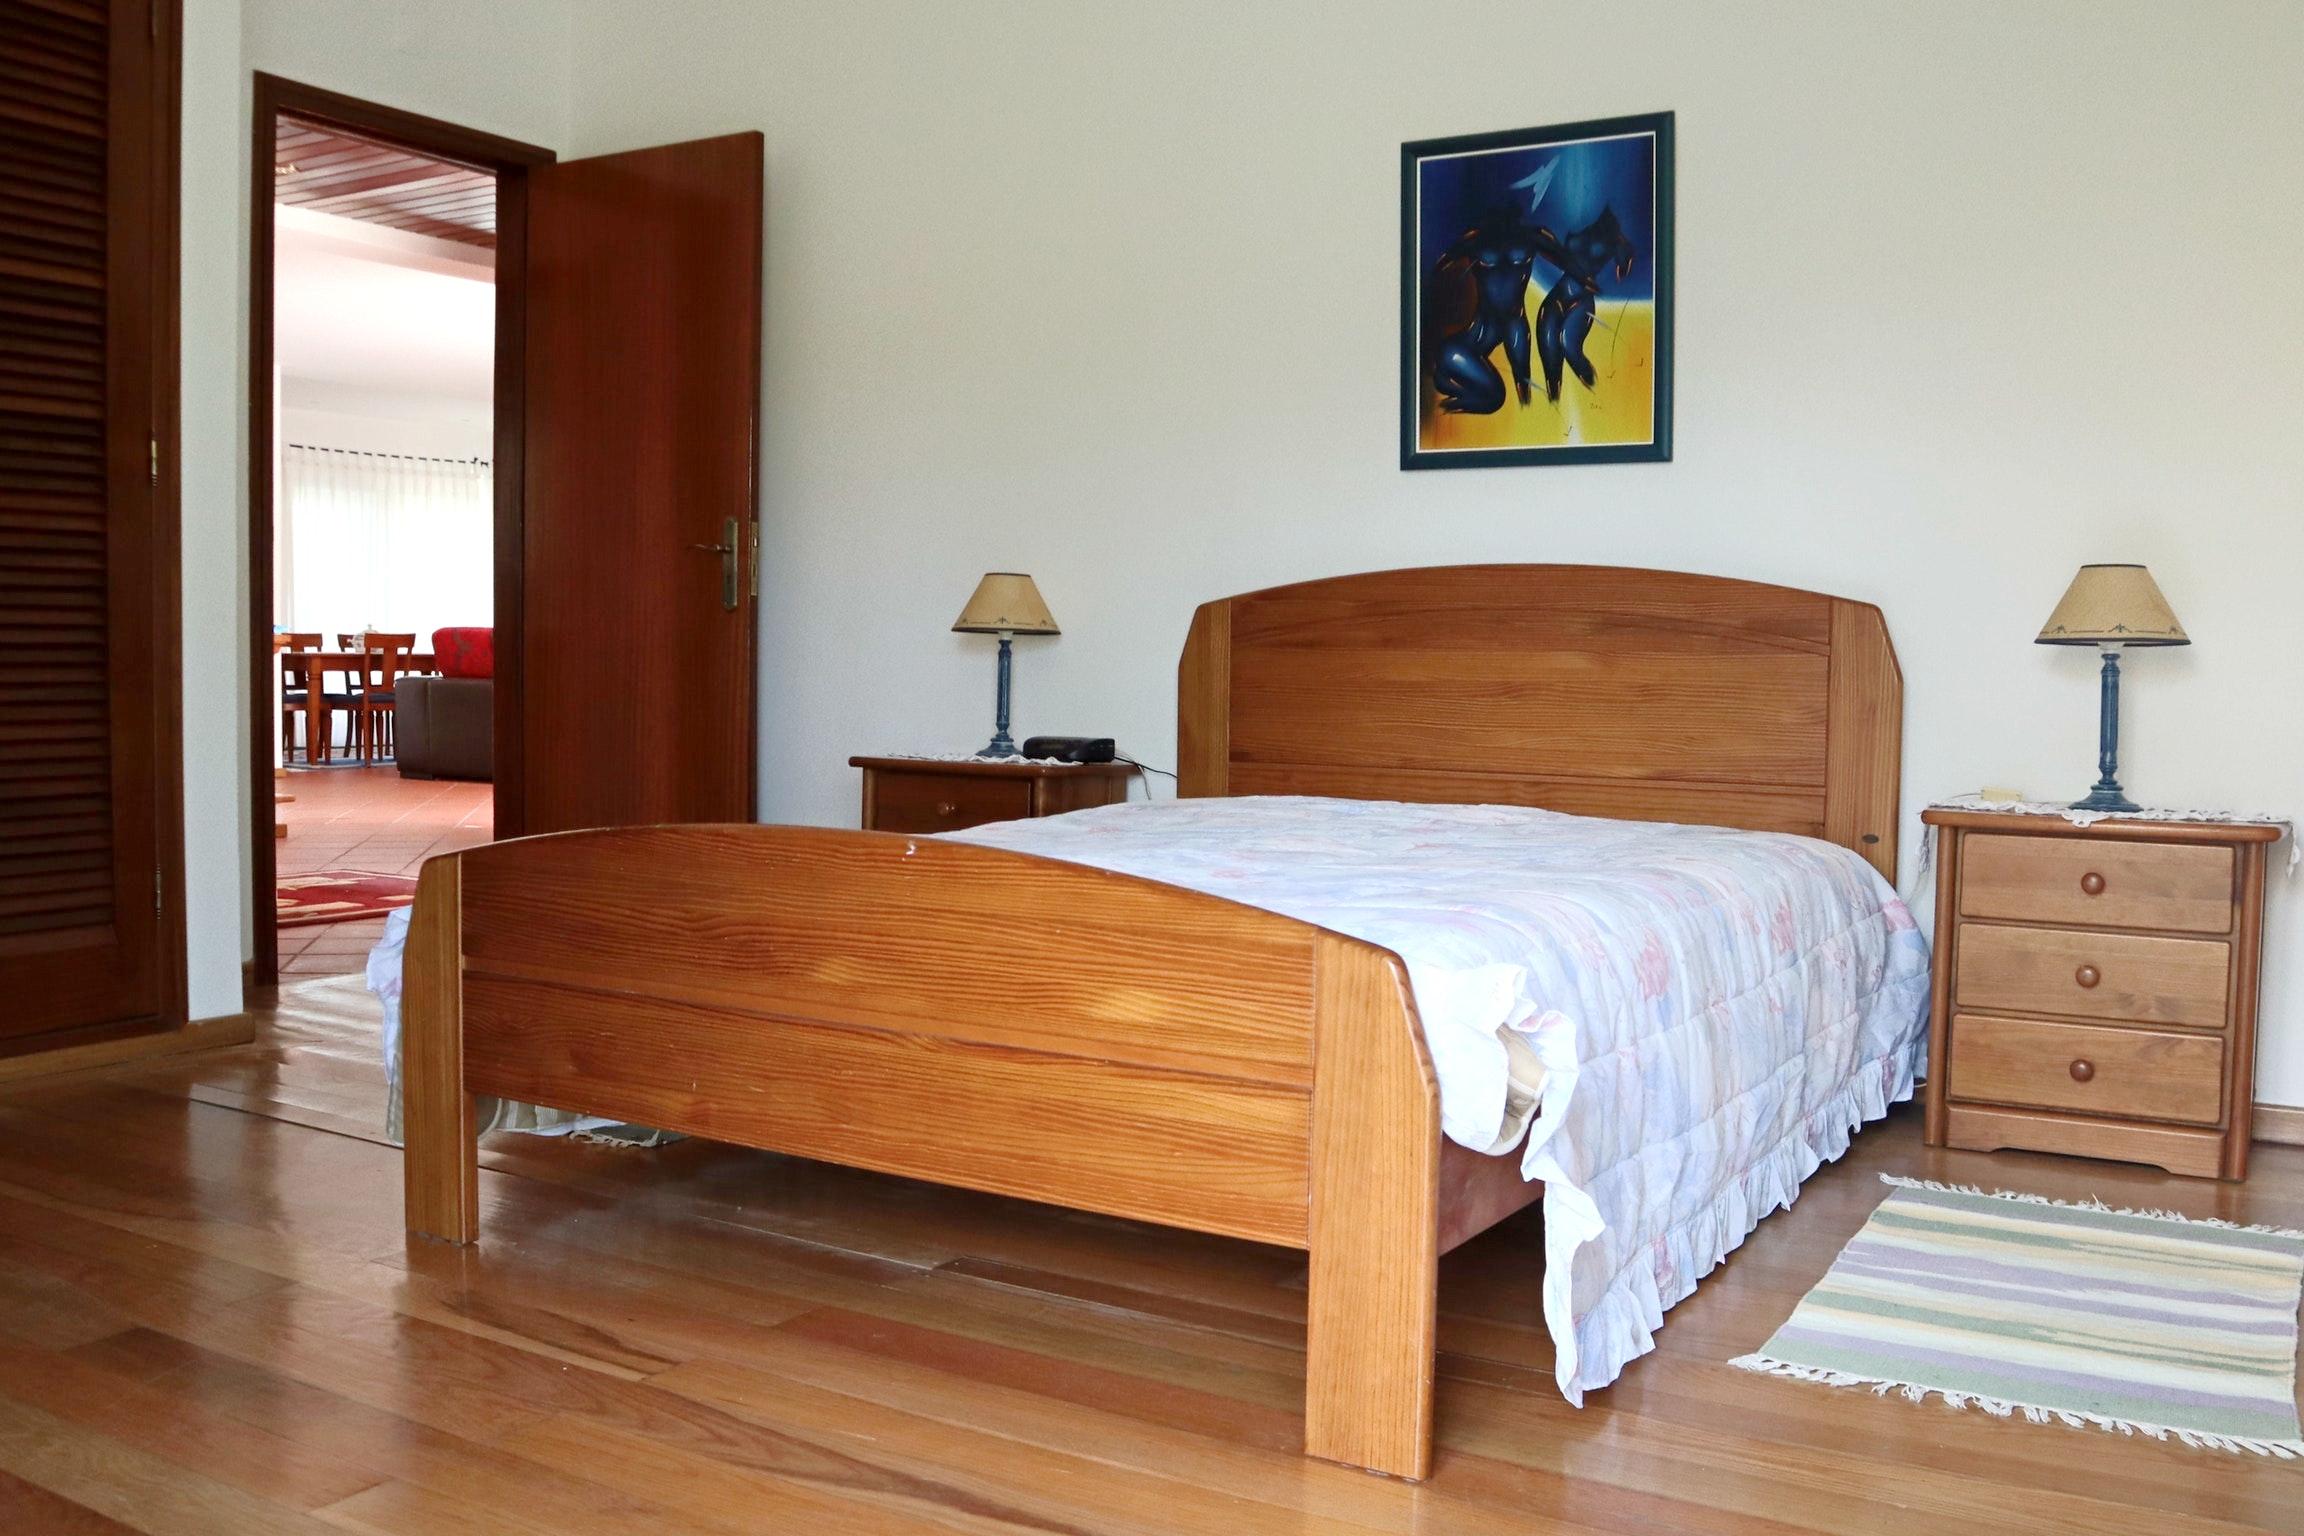 Ferienhaus Villa mit 4 Schlafzimmern in Praia de Mira mit privatem Pool, eingezäuntem Garten und W-LA (2623071), Praia de Mira, Costa de Prata, Zentral-Portugal, Portugal, Bild 24